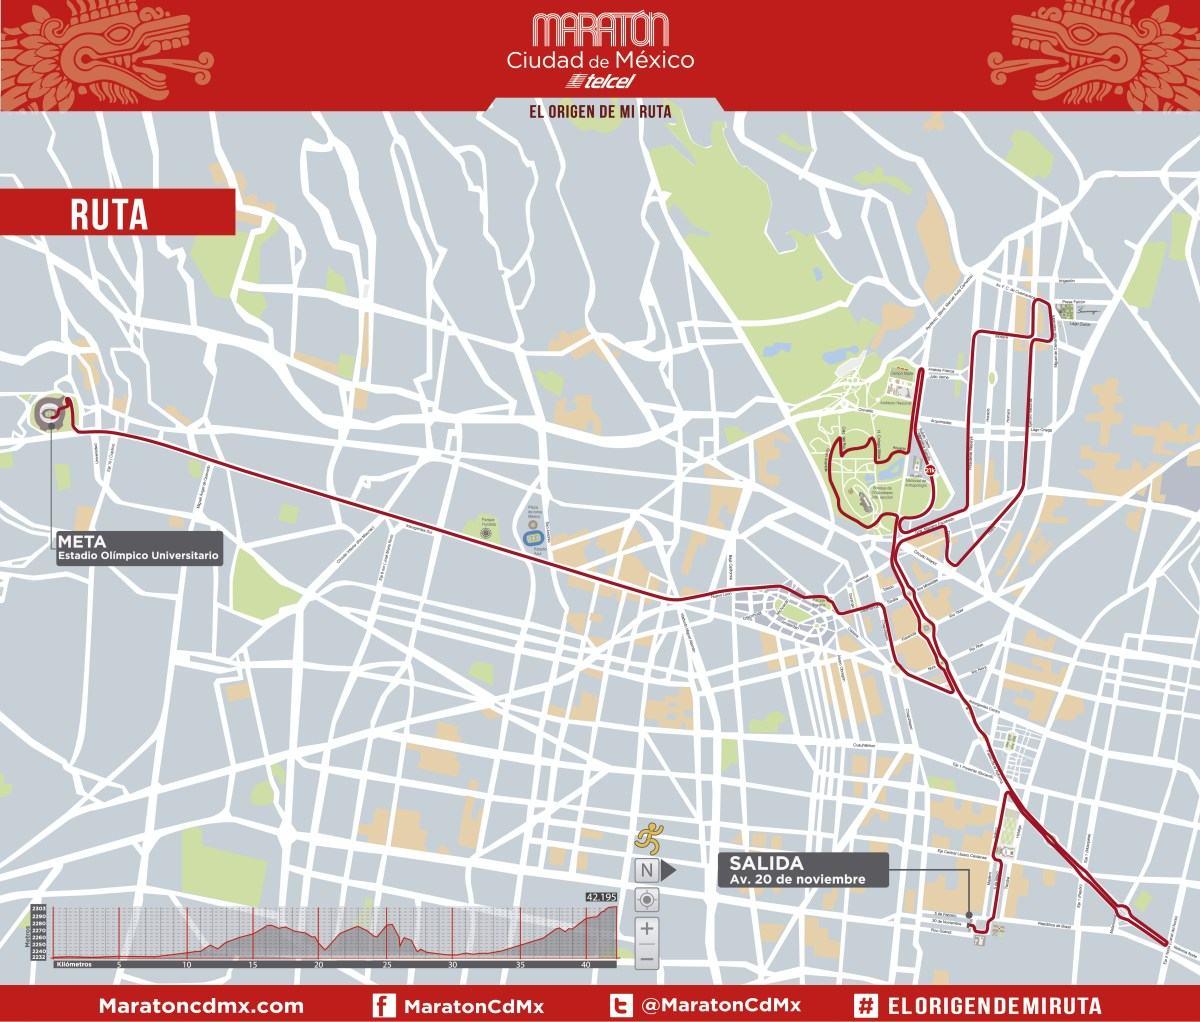 Nueva Ruta del Maratón CDMX 2017